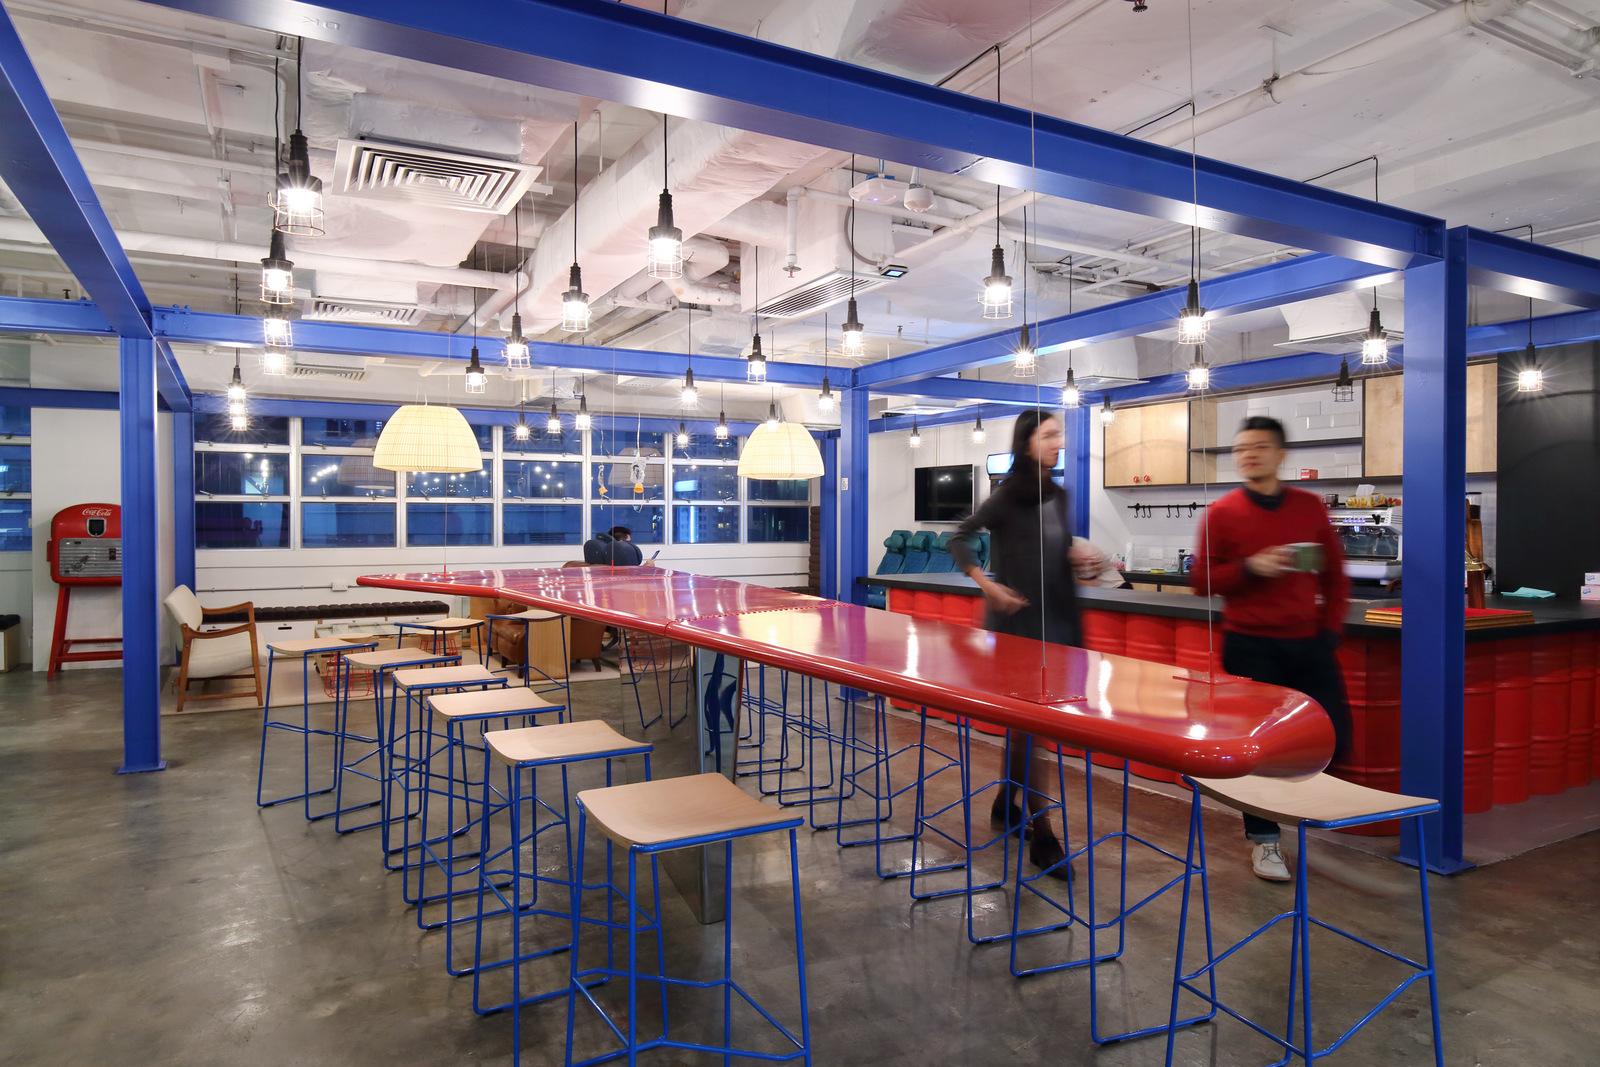 konsep biru desain interior kantor dengan minimalis  furniture dan interior (1)